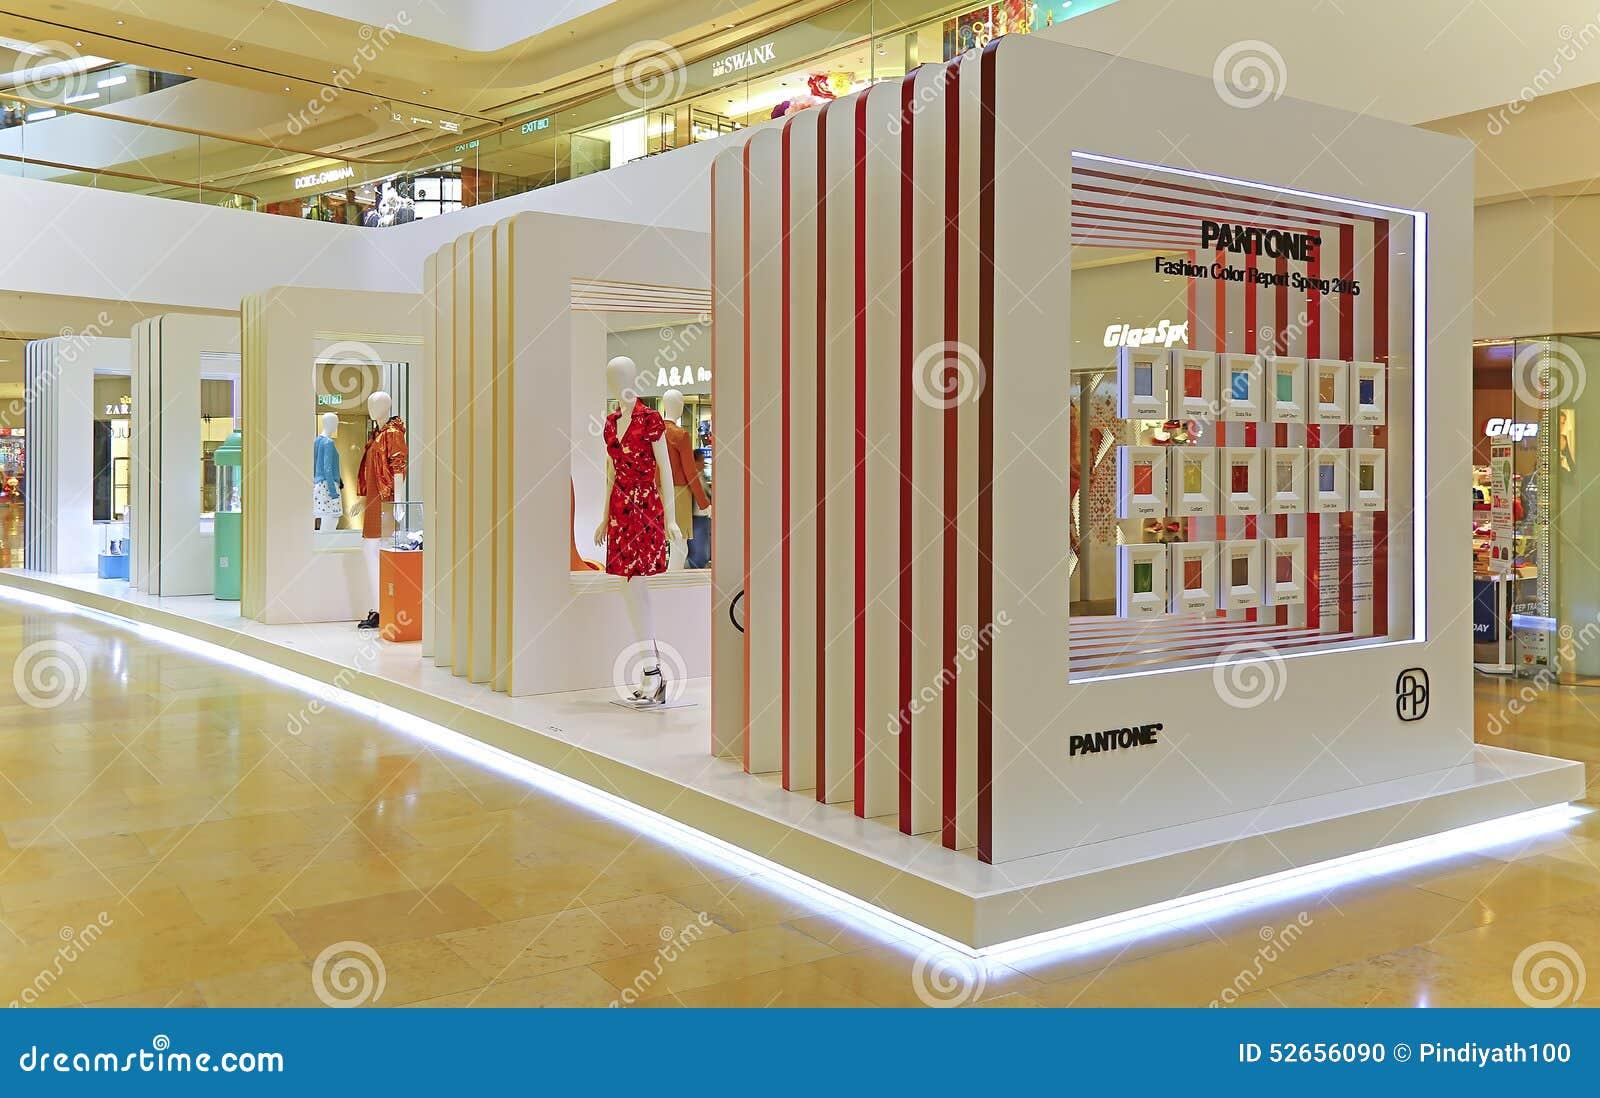 donna fabbrica varietà di disegni e colori Esposizione Pacifica Di Modo Di Pantone Del Posto, Hong Kong ...